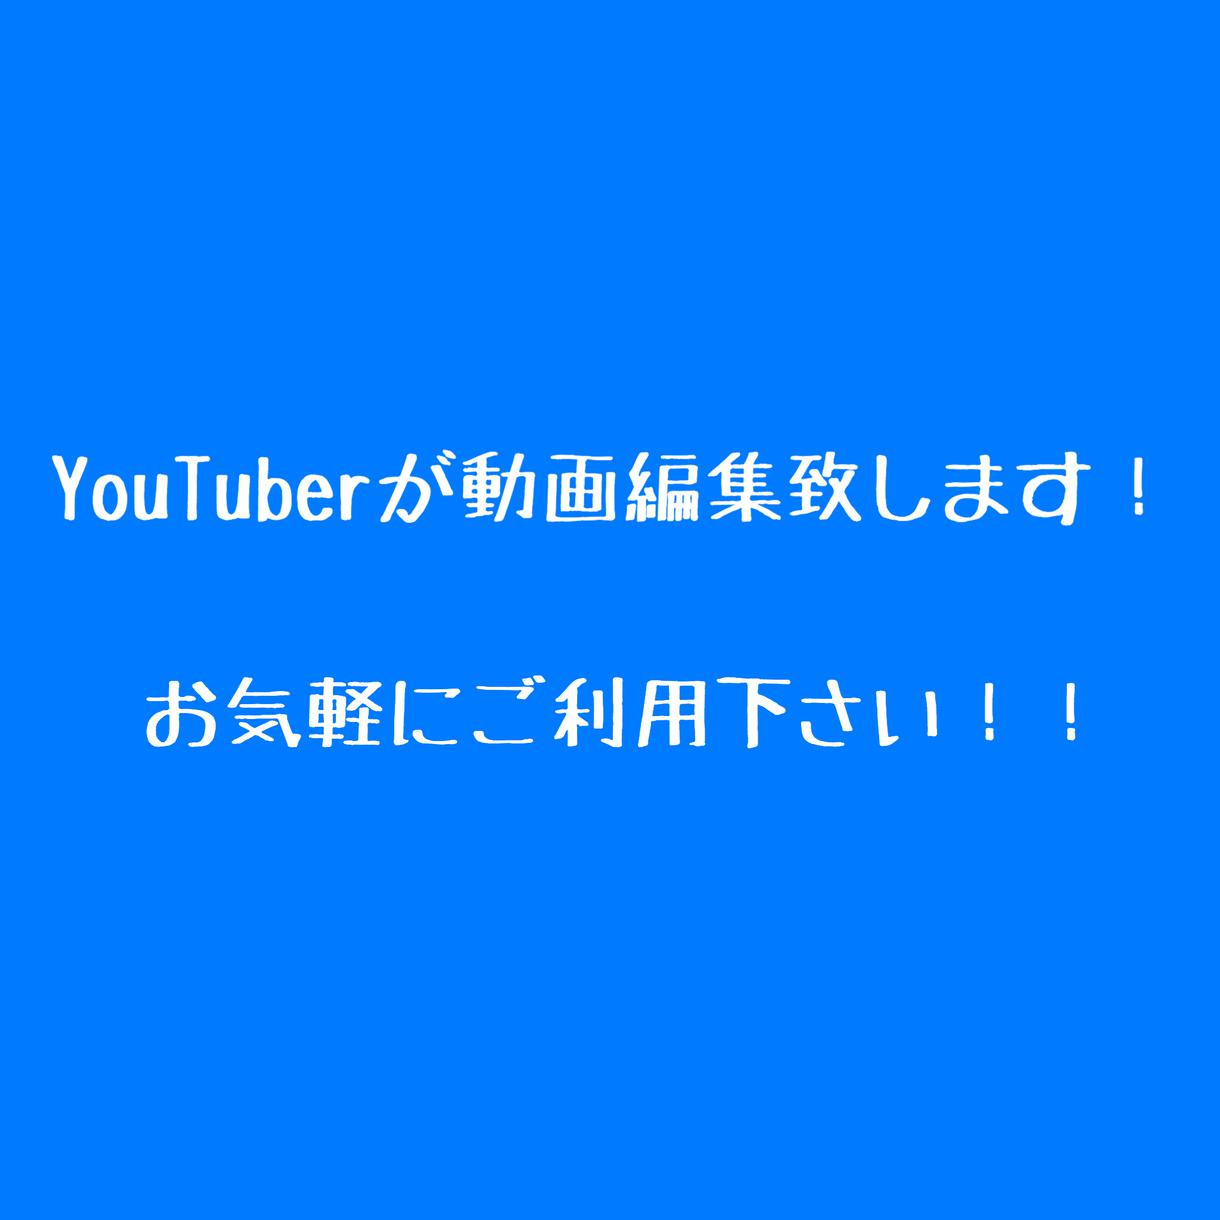 YouTubeなどの(なんでも可)動画編集致します 動画を編集したいけど知識がない。そんな方是非ご利用下さい! イメージ1